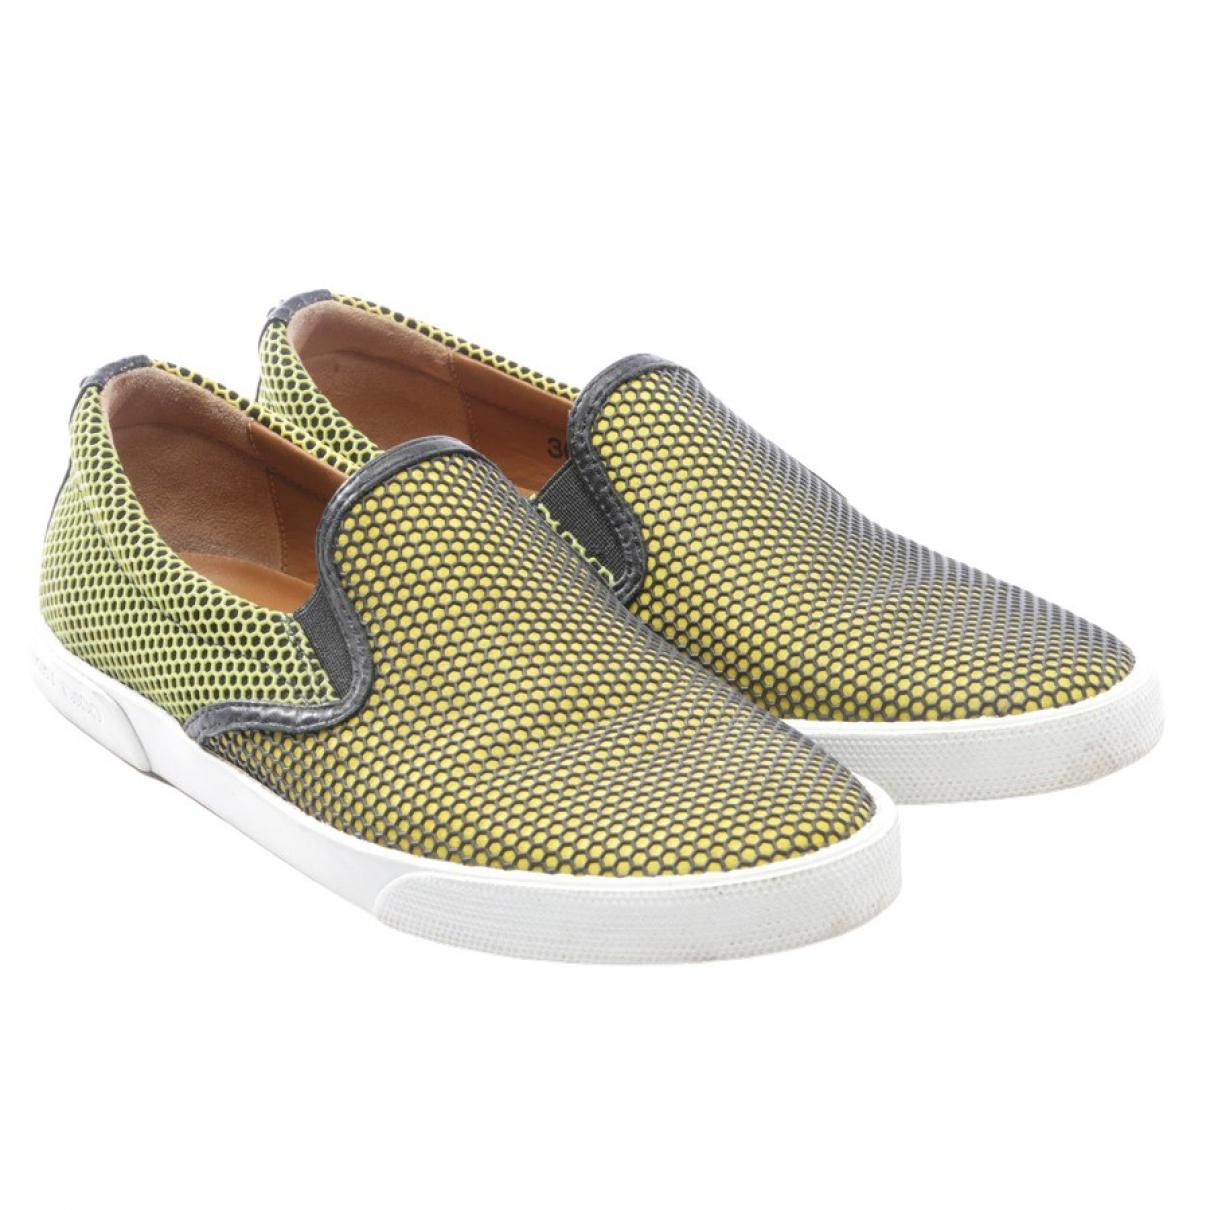 Jimmy Choo \N Sneakers in  Gelb Leder